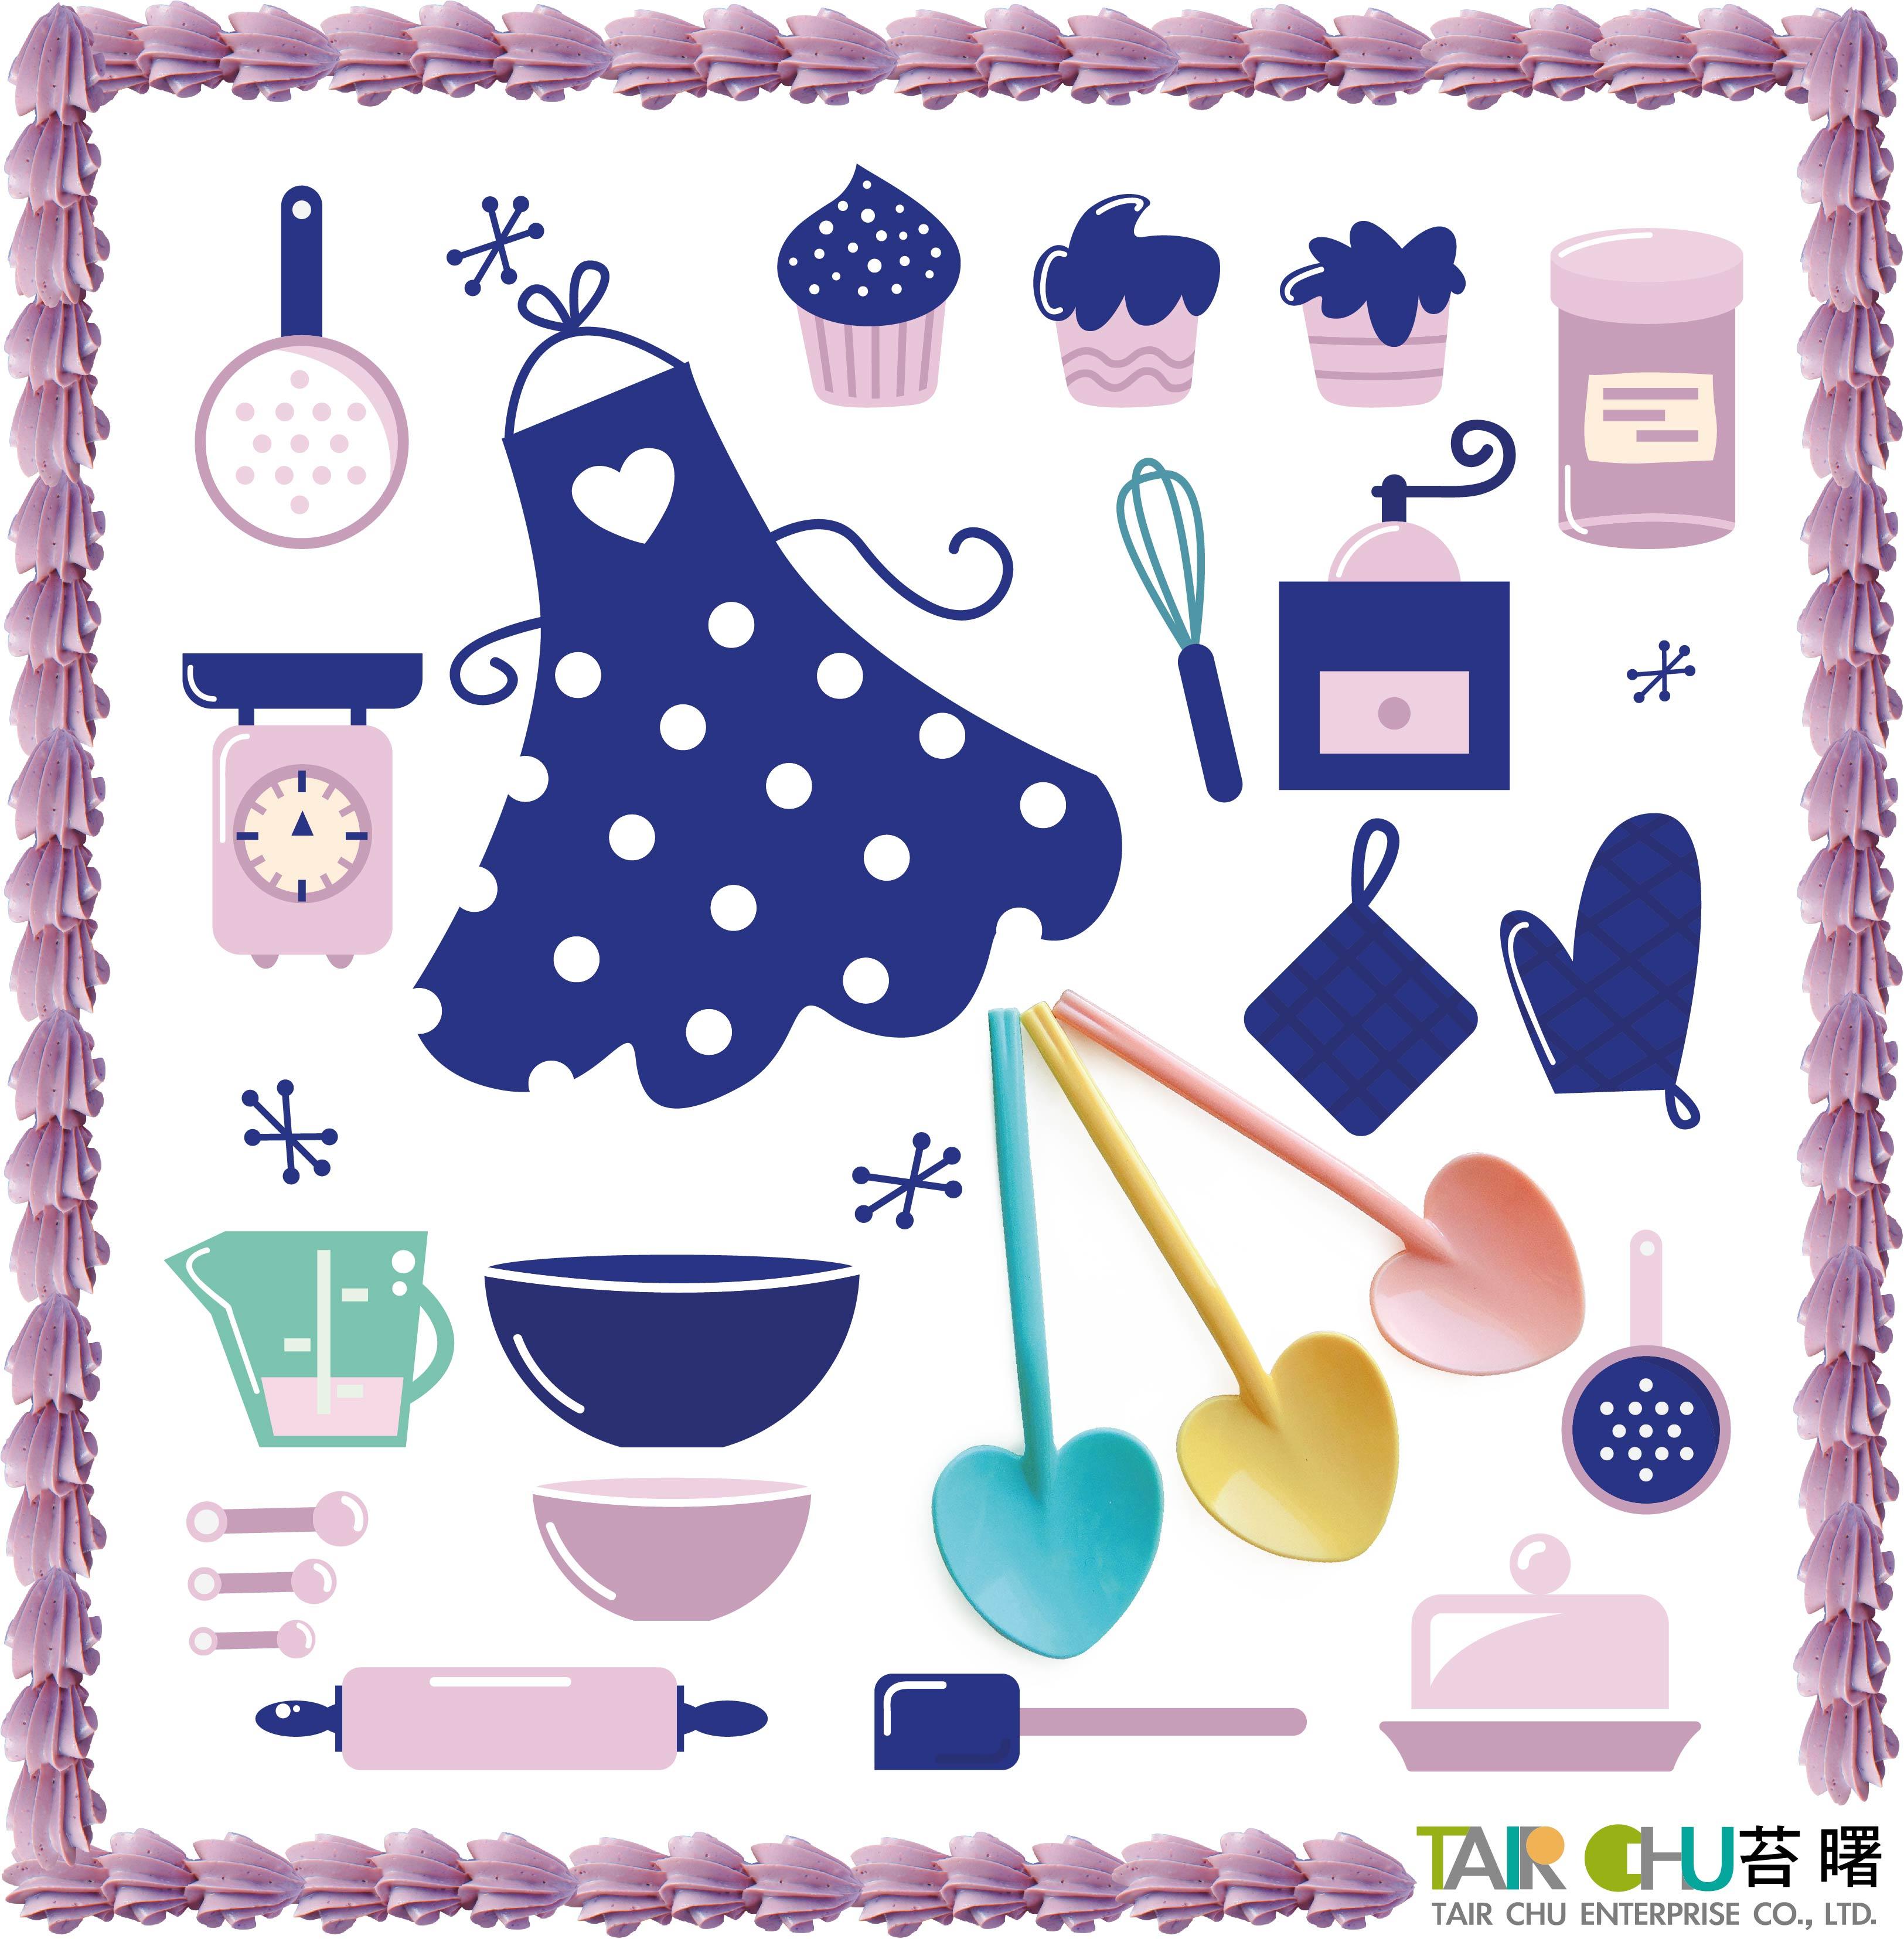 Tair Chu Enterprise Co, Ltd  Exhibition | Tair Chu - A